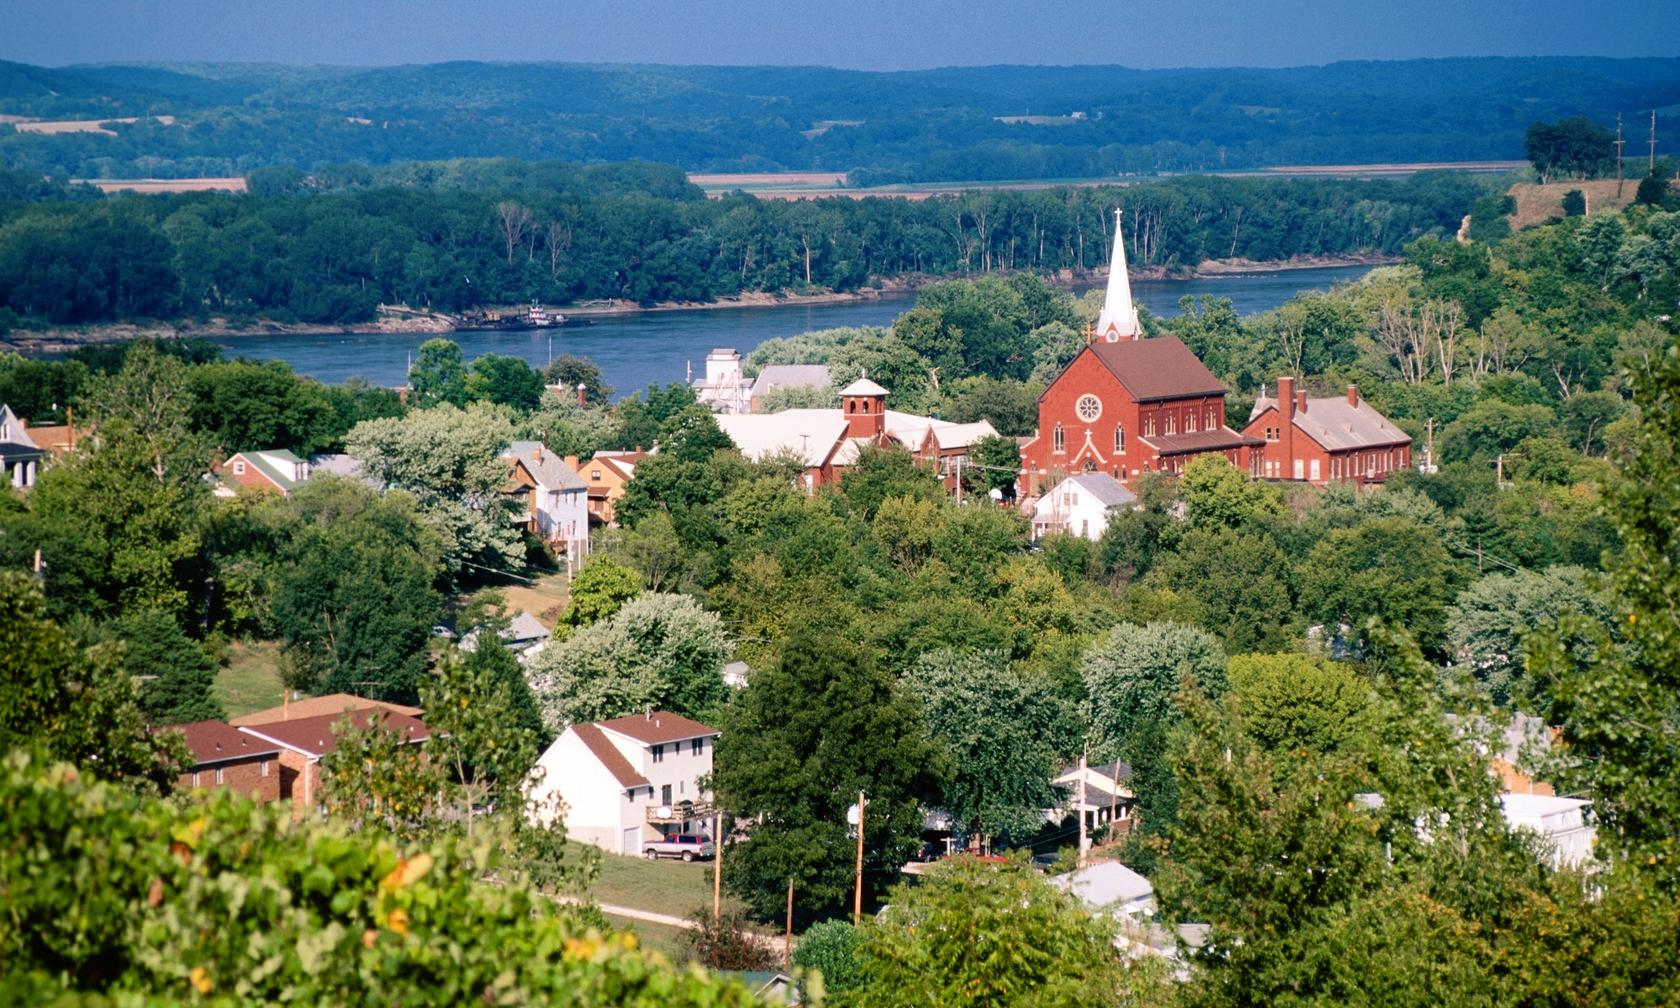 Vacation rentals in Hermann